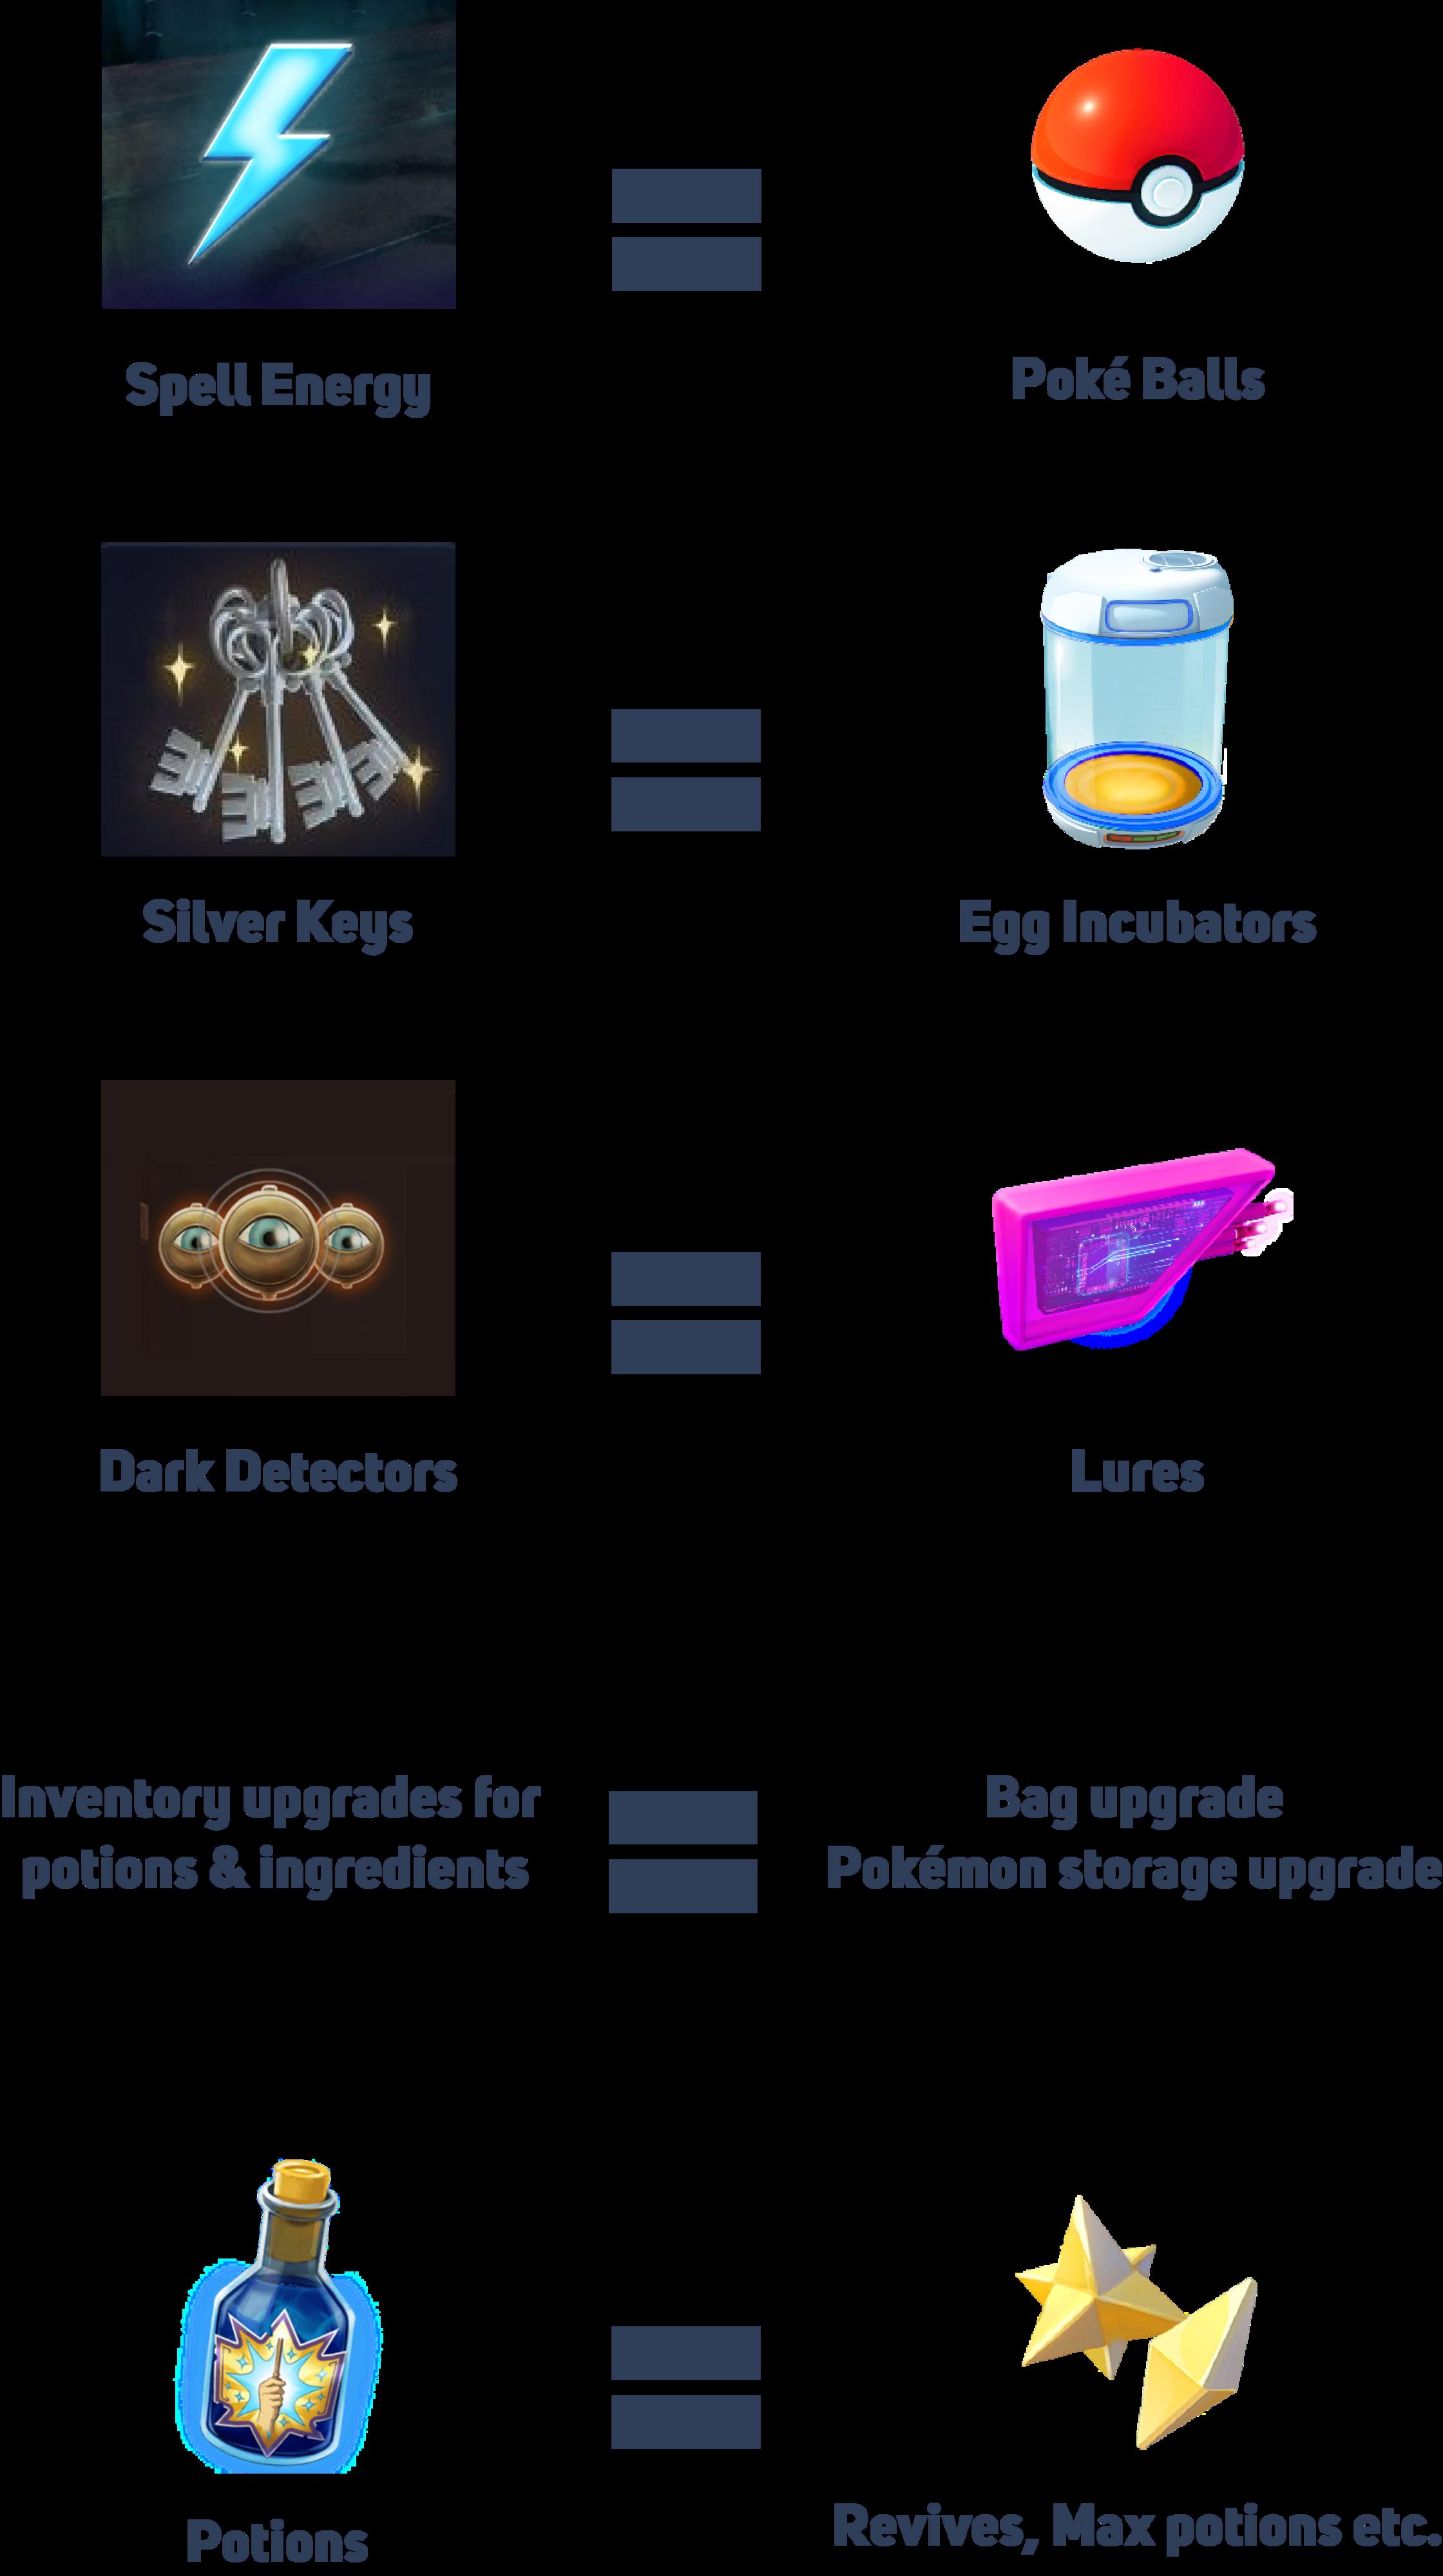 Wizards Unite vs. Pokémon Go items